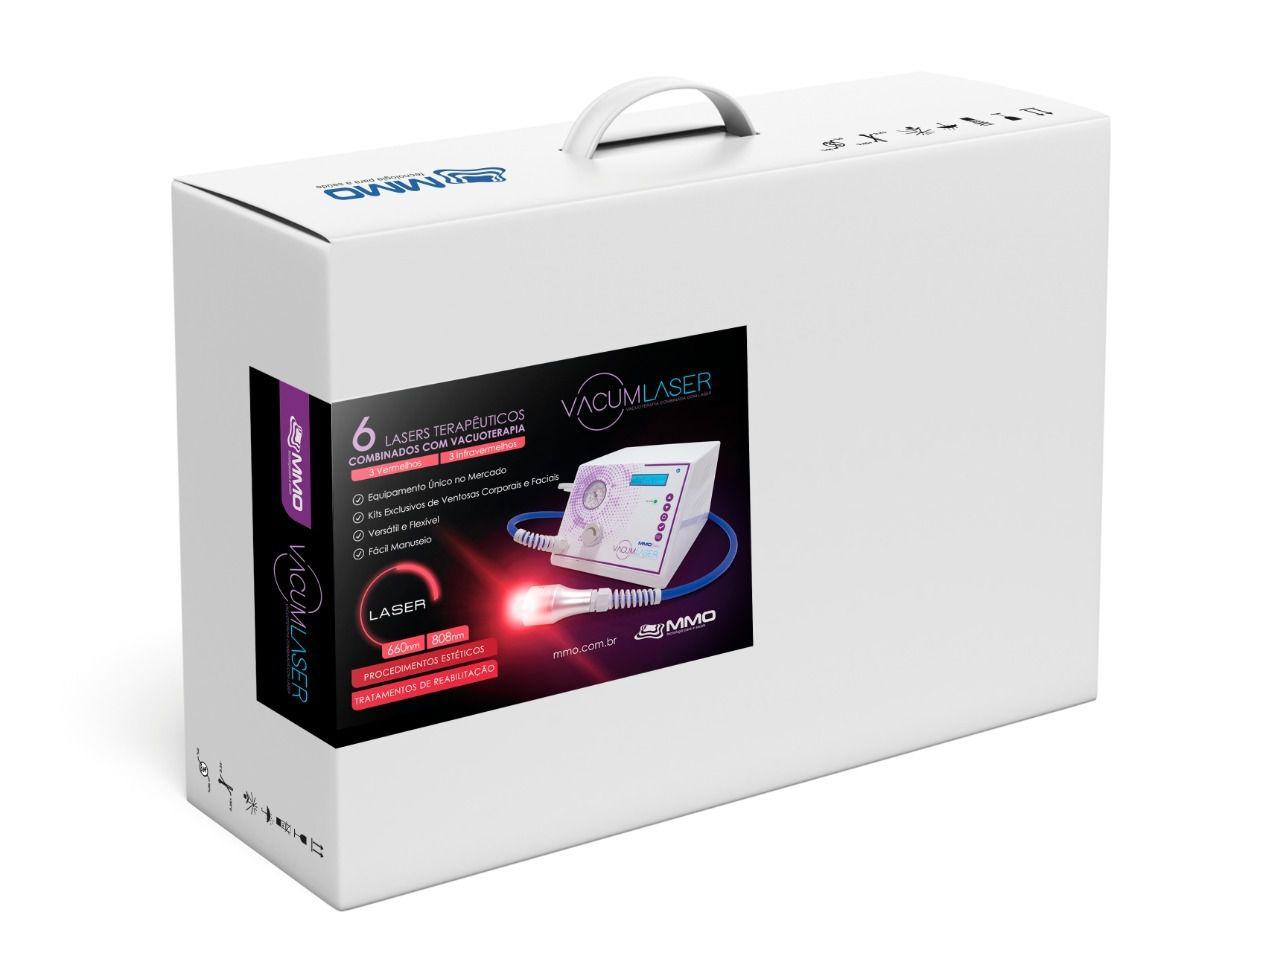 Vacum Laser - MMO